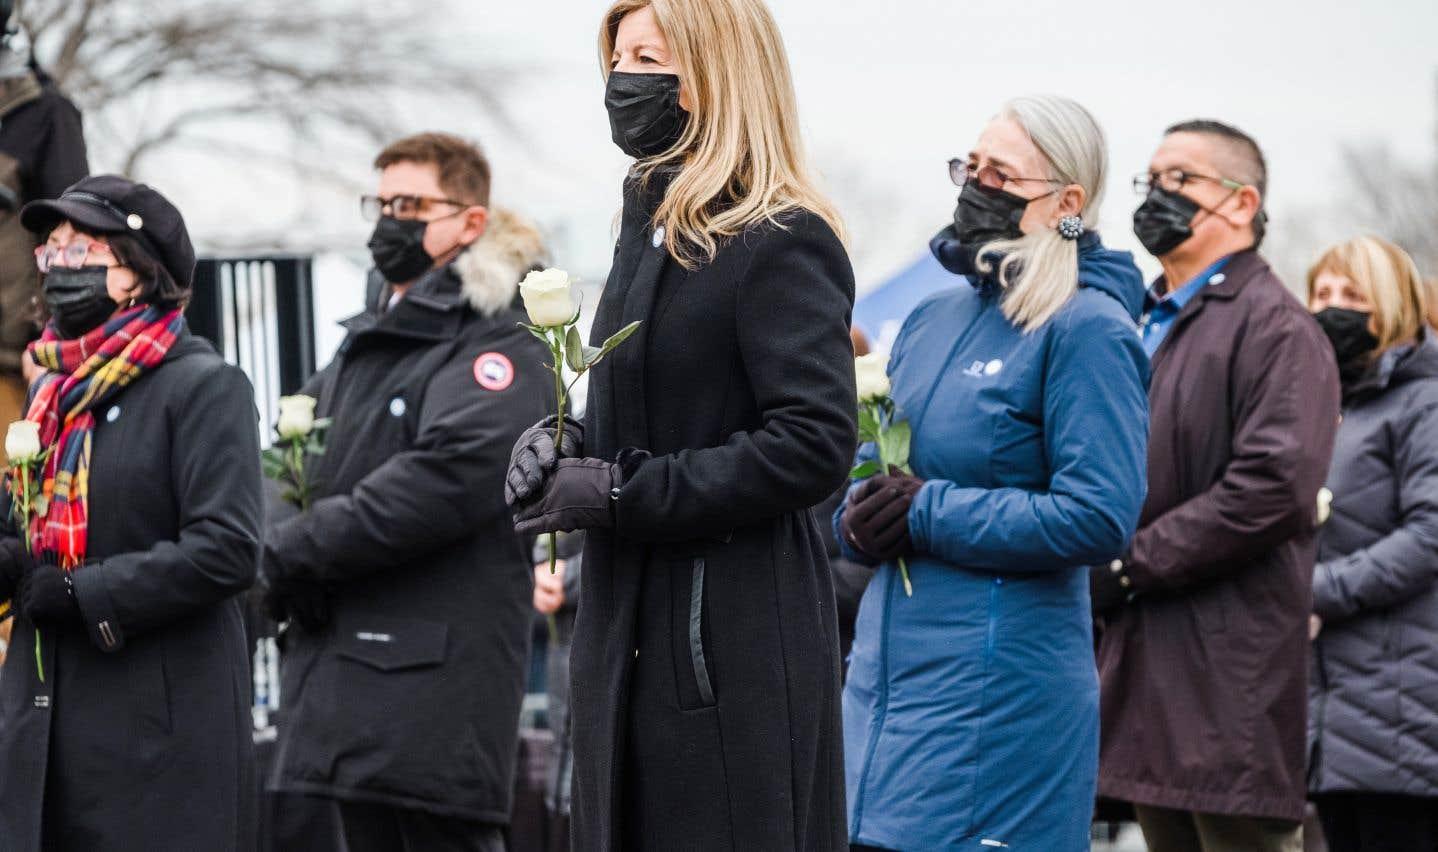 Dans la capitale, des préposés aux bénéficiaires, des infirmières, des membres des Forces armées, des éducateurs et des proches de personnes décédées durant la pandémie ont défilé un à un devant les gardes d'honneur de la Sûreté du Québec et de l'Assemblée nationale.